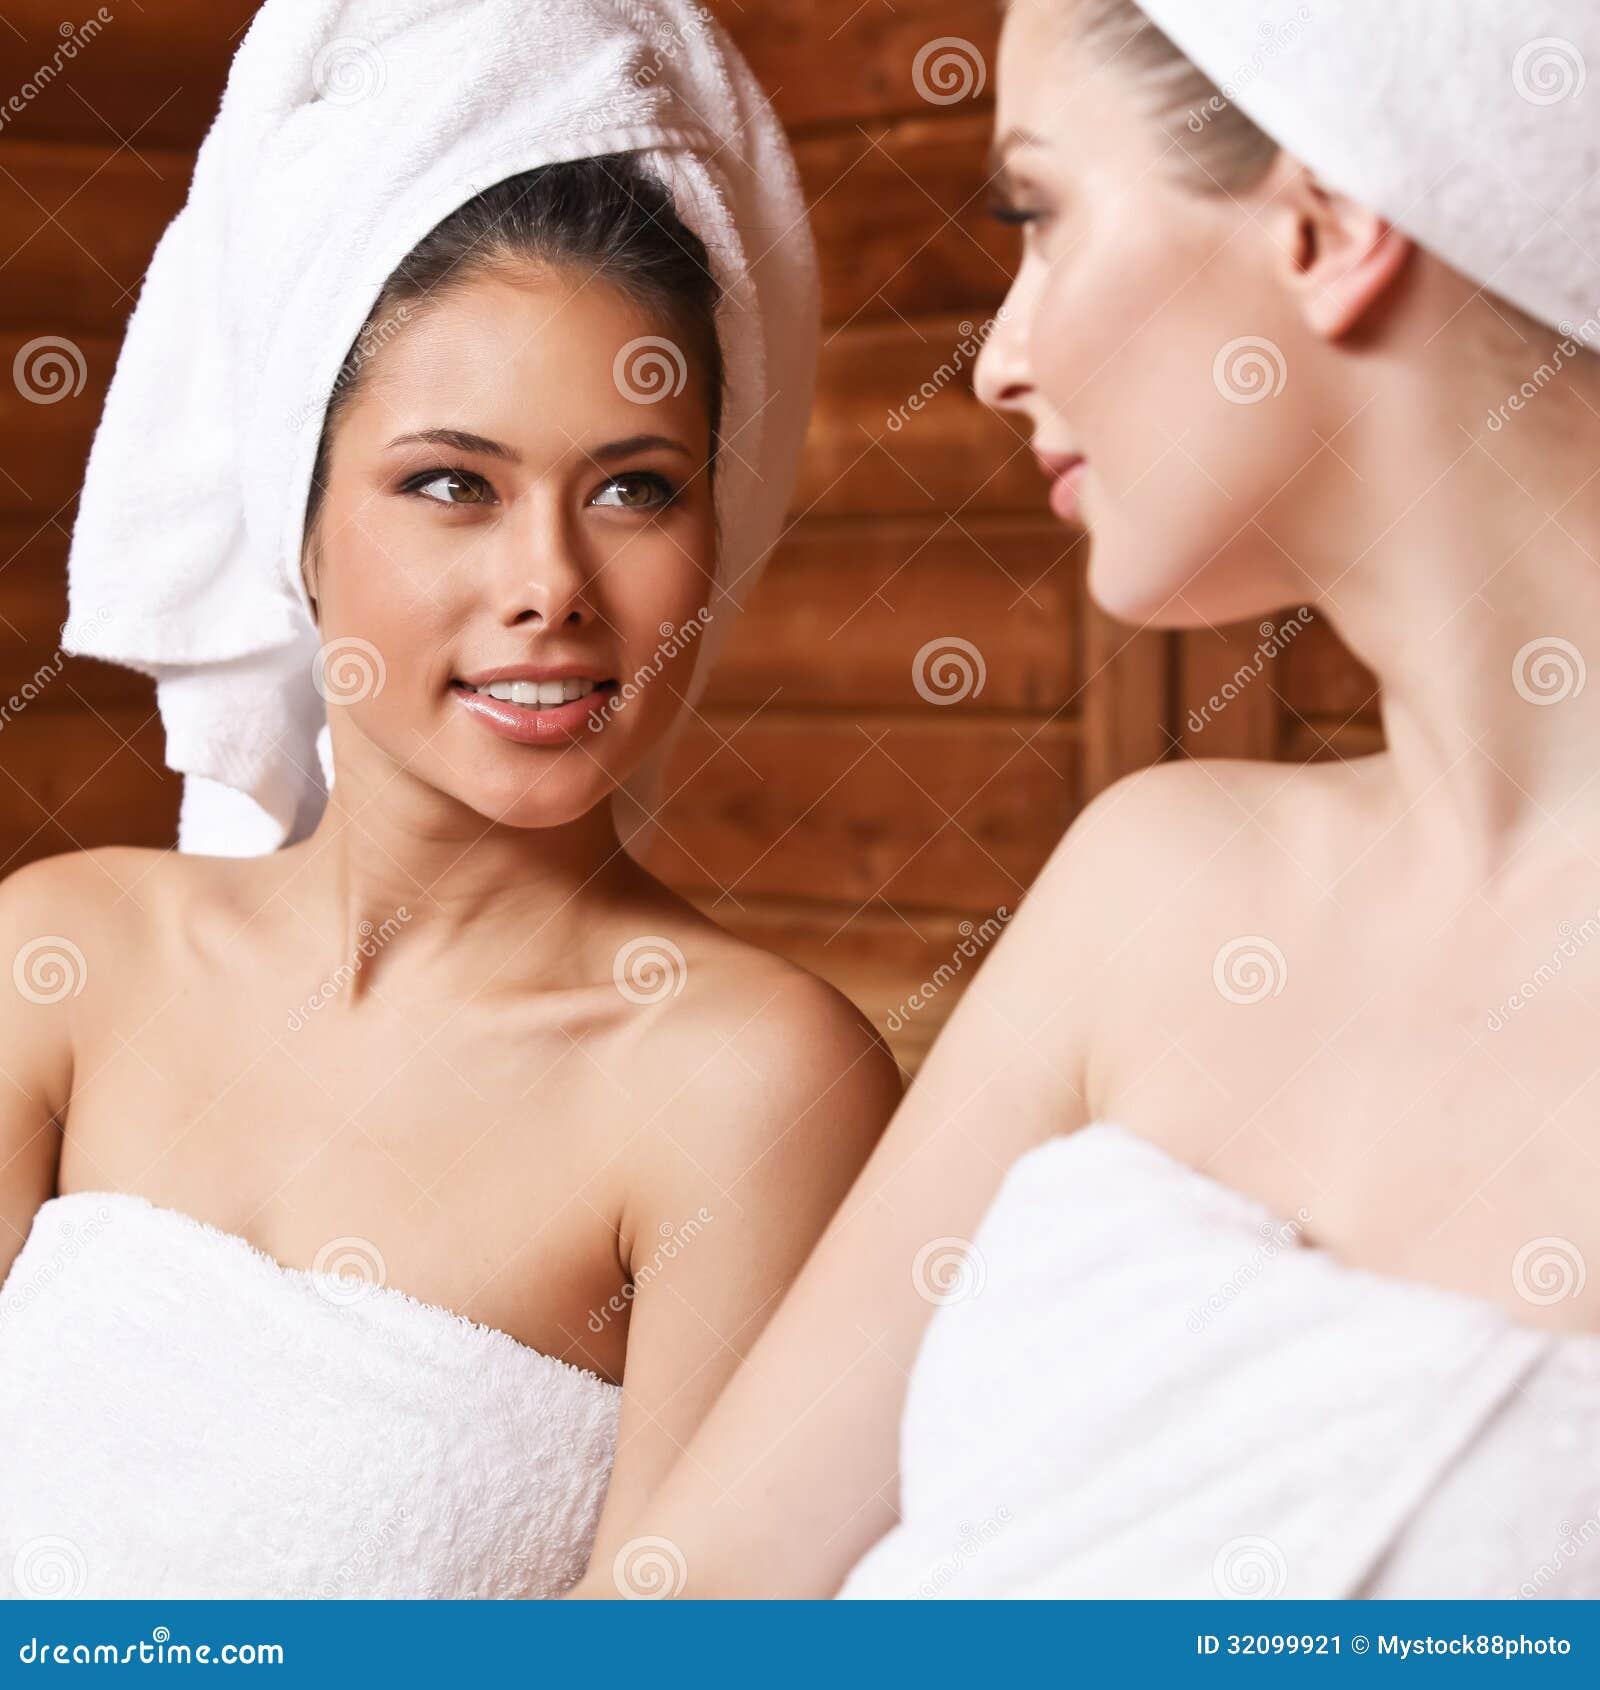 Фото девочки в бане 28 фотография